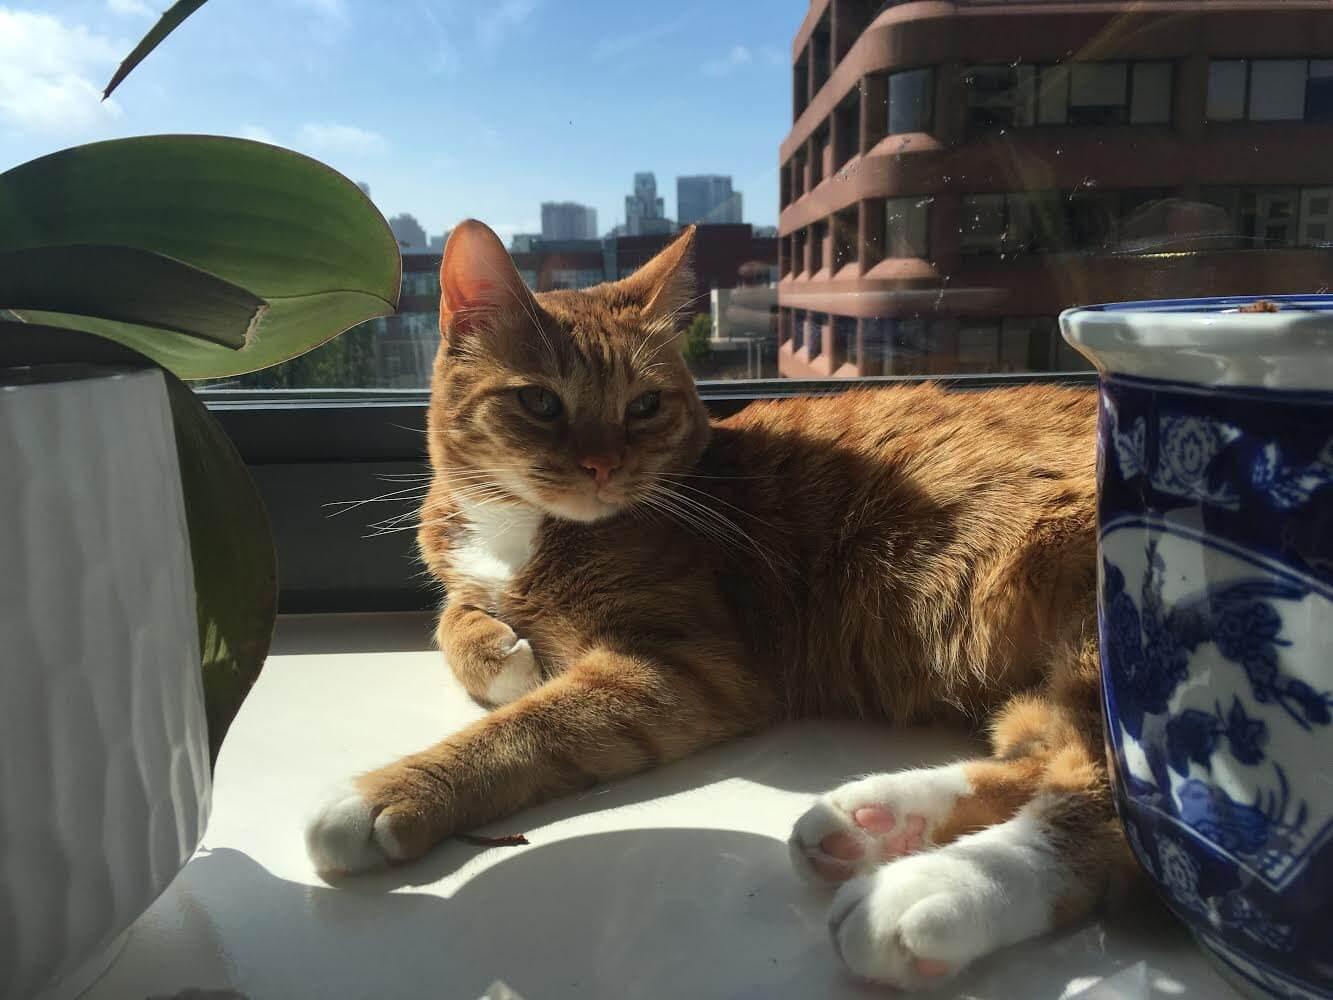 Tony the cat.